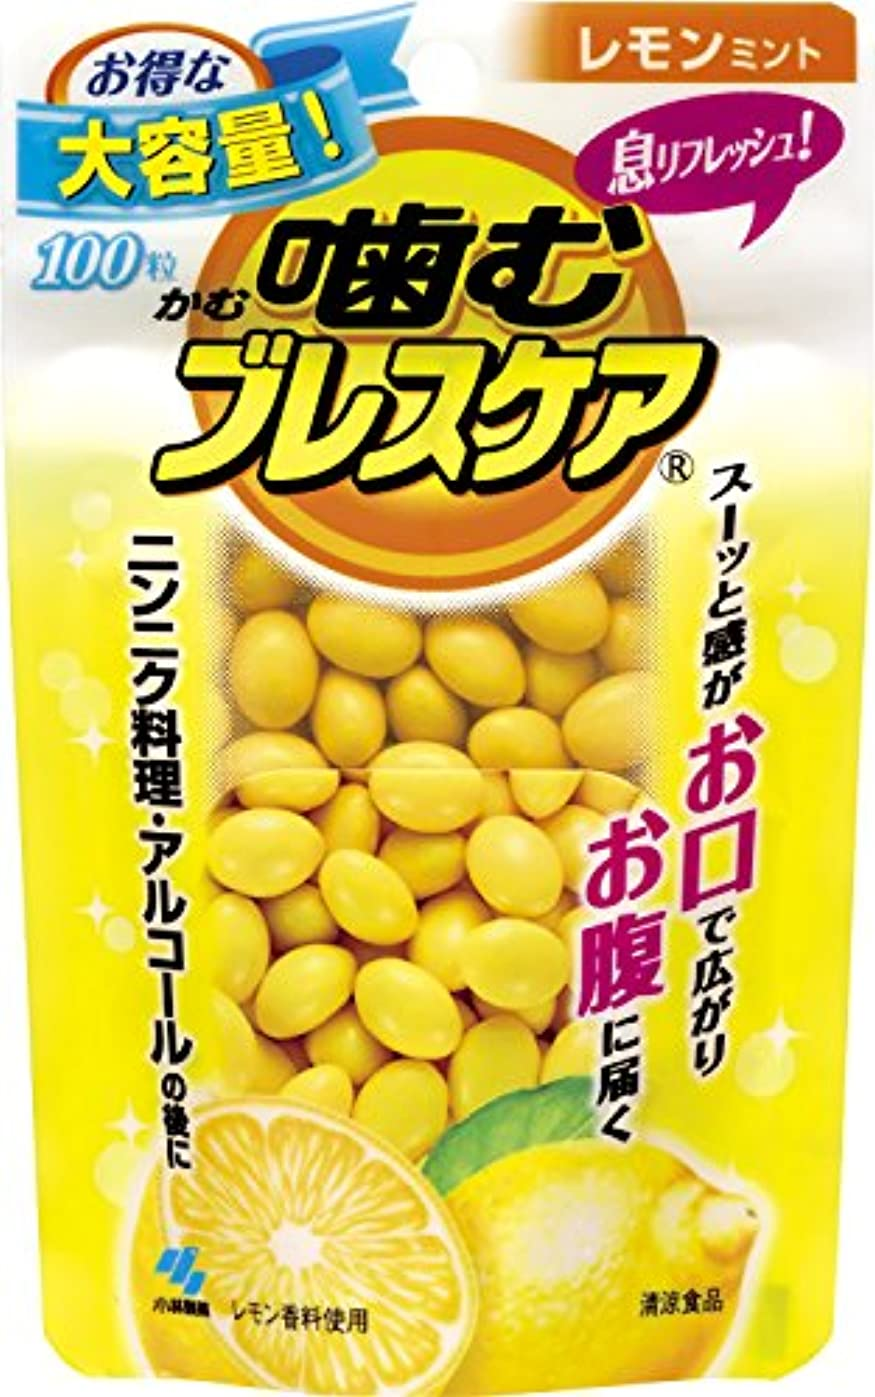 元気な噴水住居噛むブレスケア 息リフレッシュグミ レモンミント パウチタイプ お得な大容量 100粒